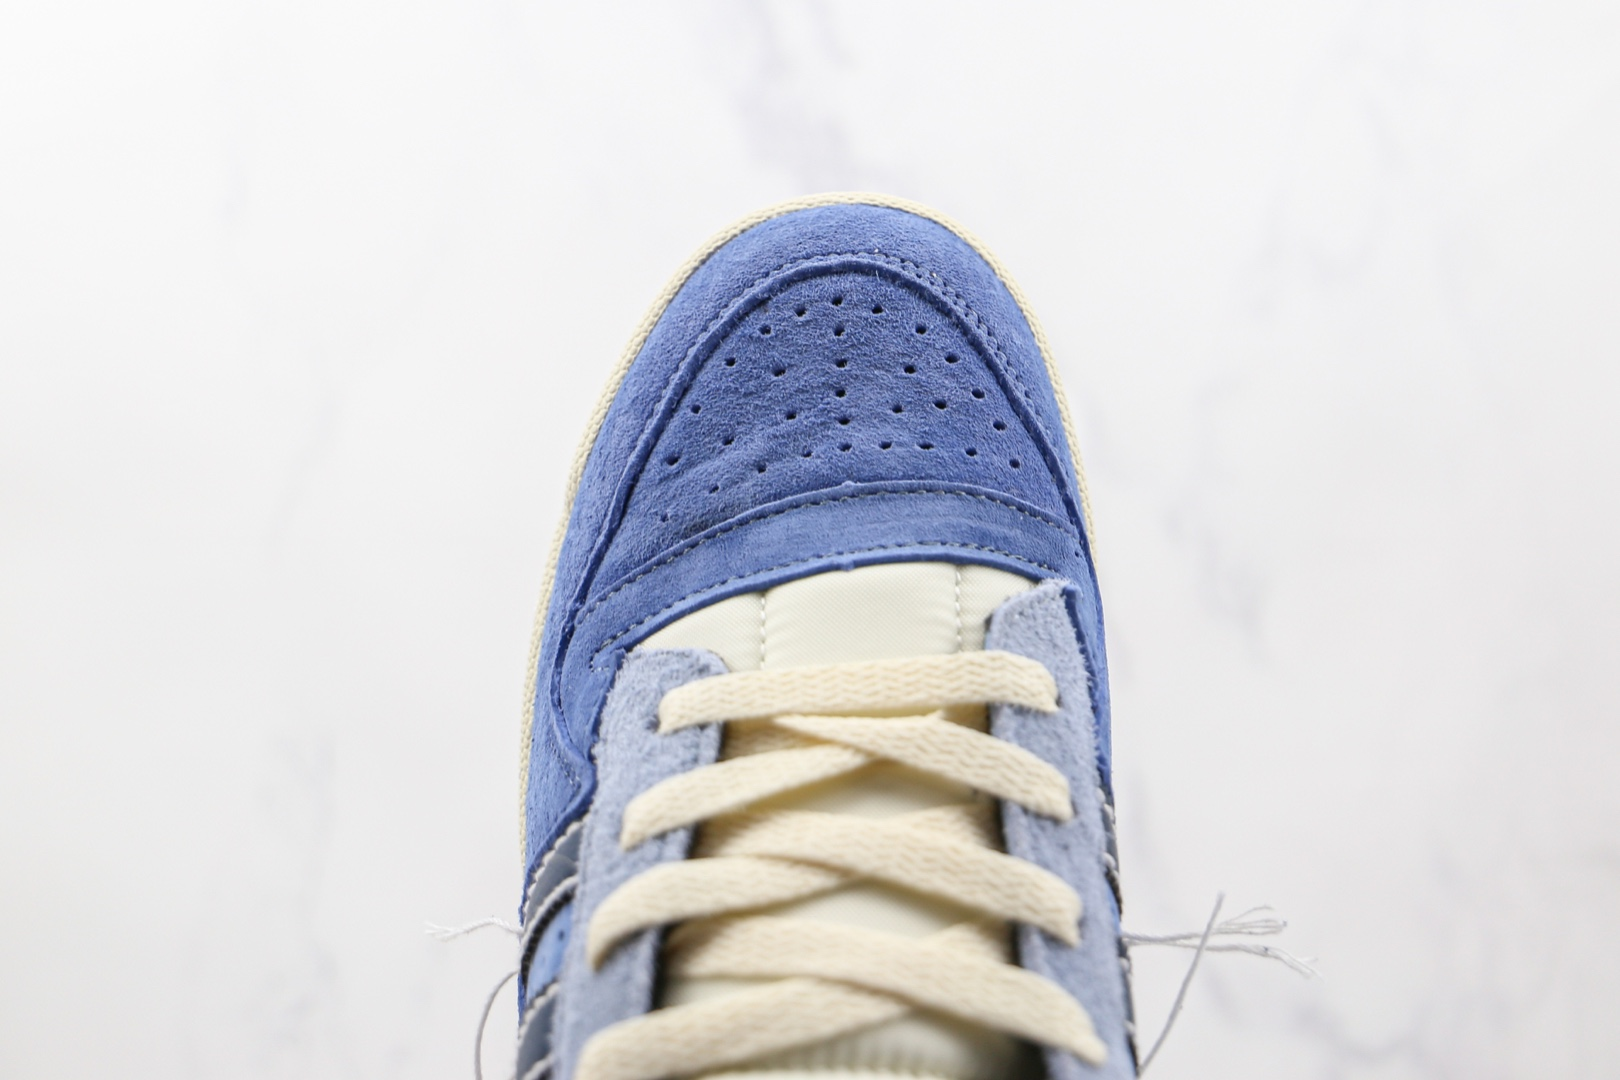 阿迪达斯Adidas Forum 84 Low纯原版本低帮牛仔线头复古板鞋原档案数据开发 货号:GW0298